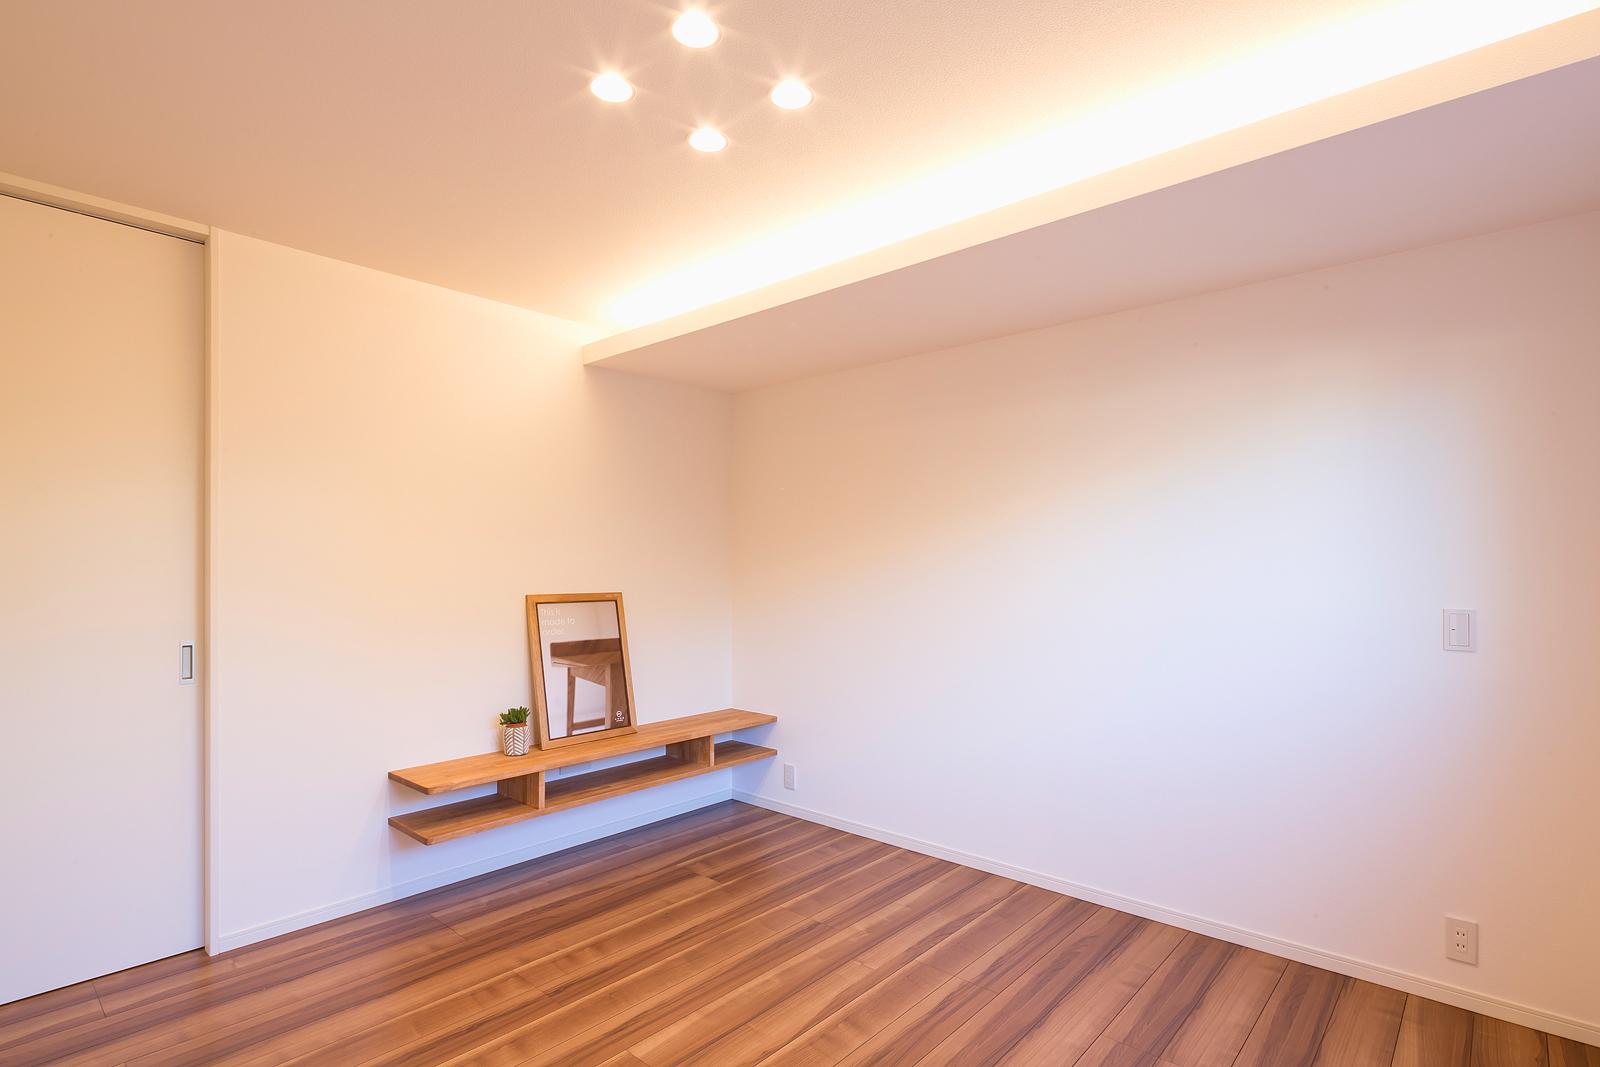 シンプルに仕上げた主寝室には、広いウォークインクローゼットを設けた